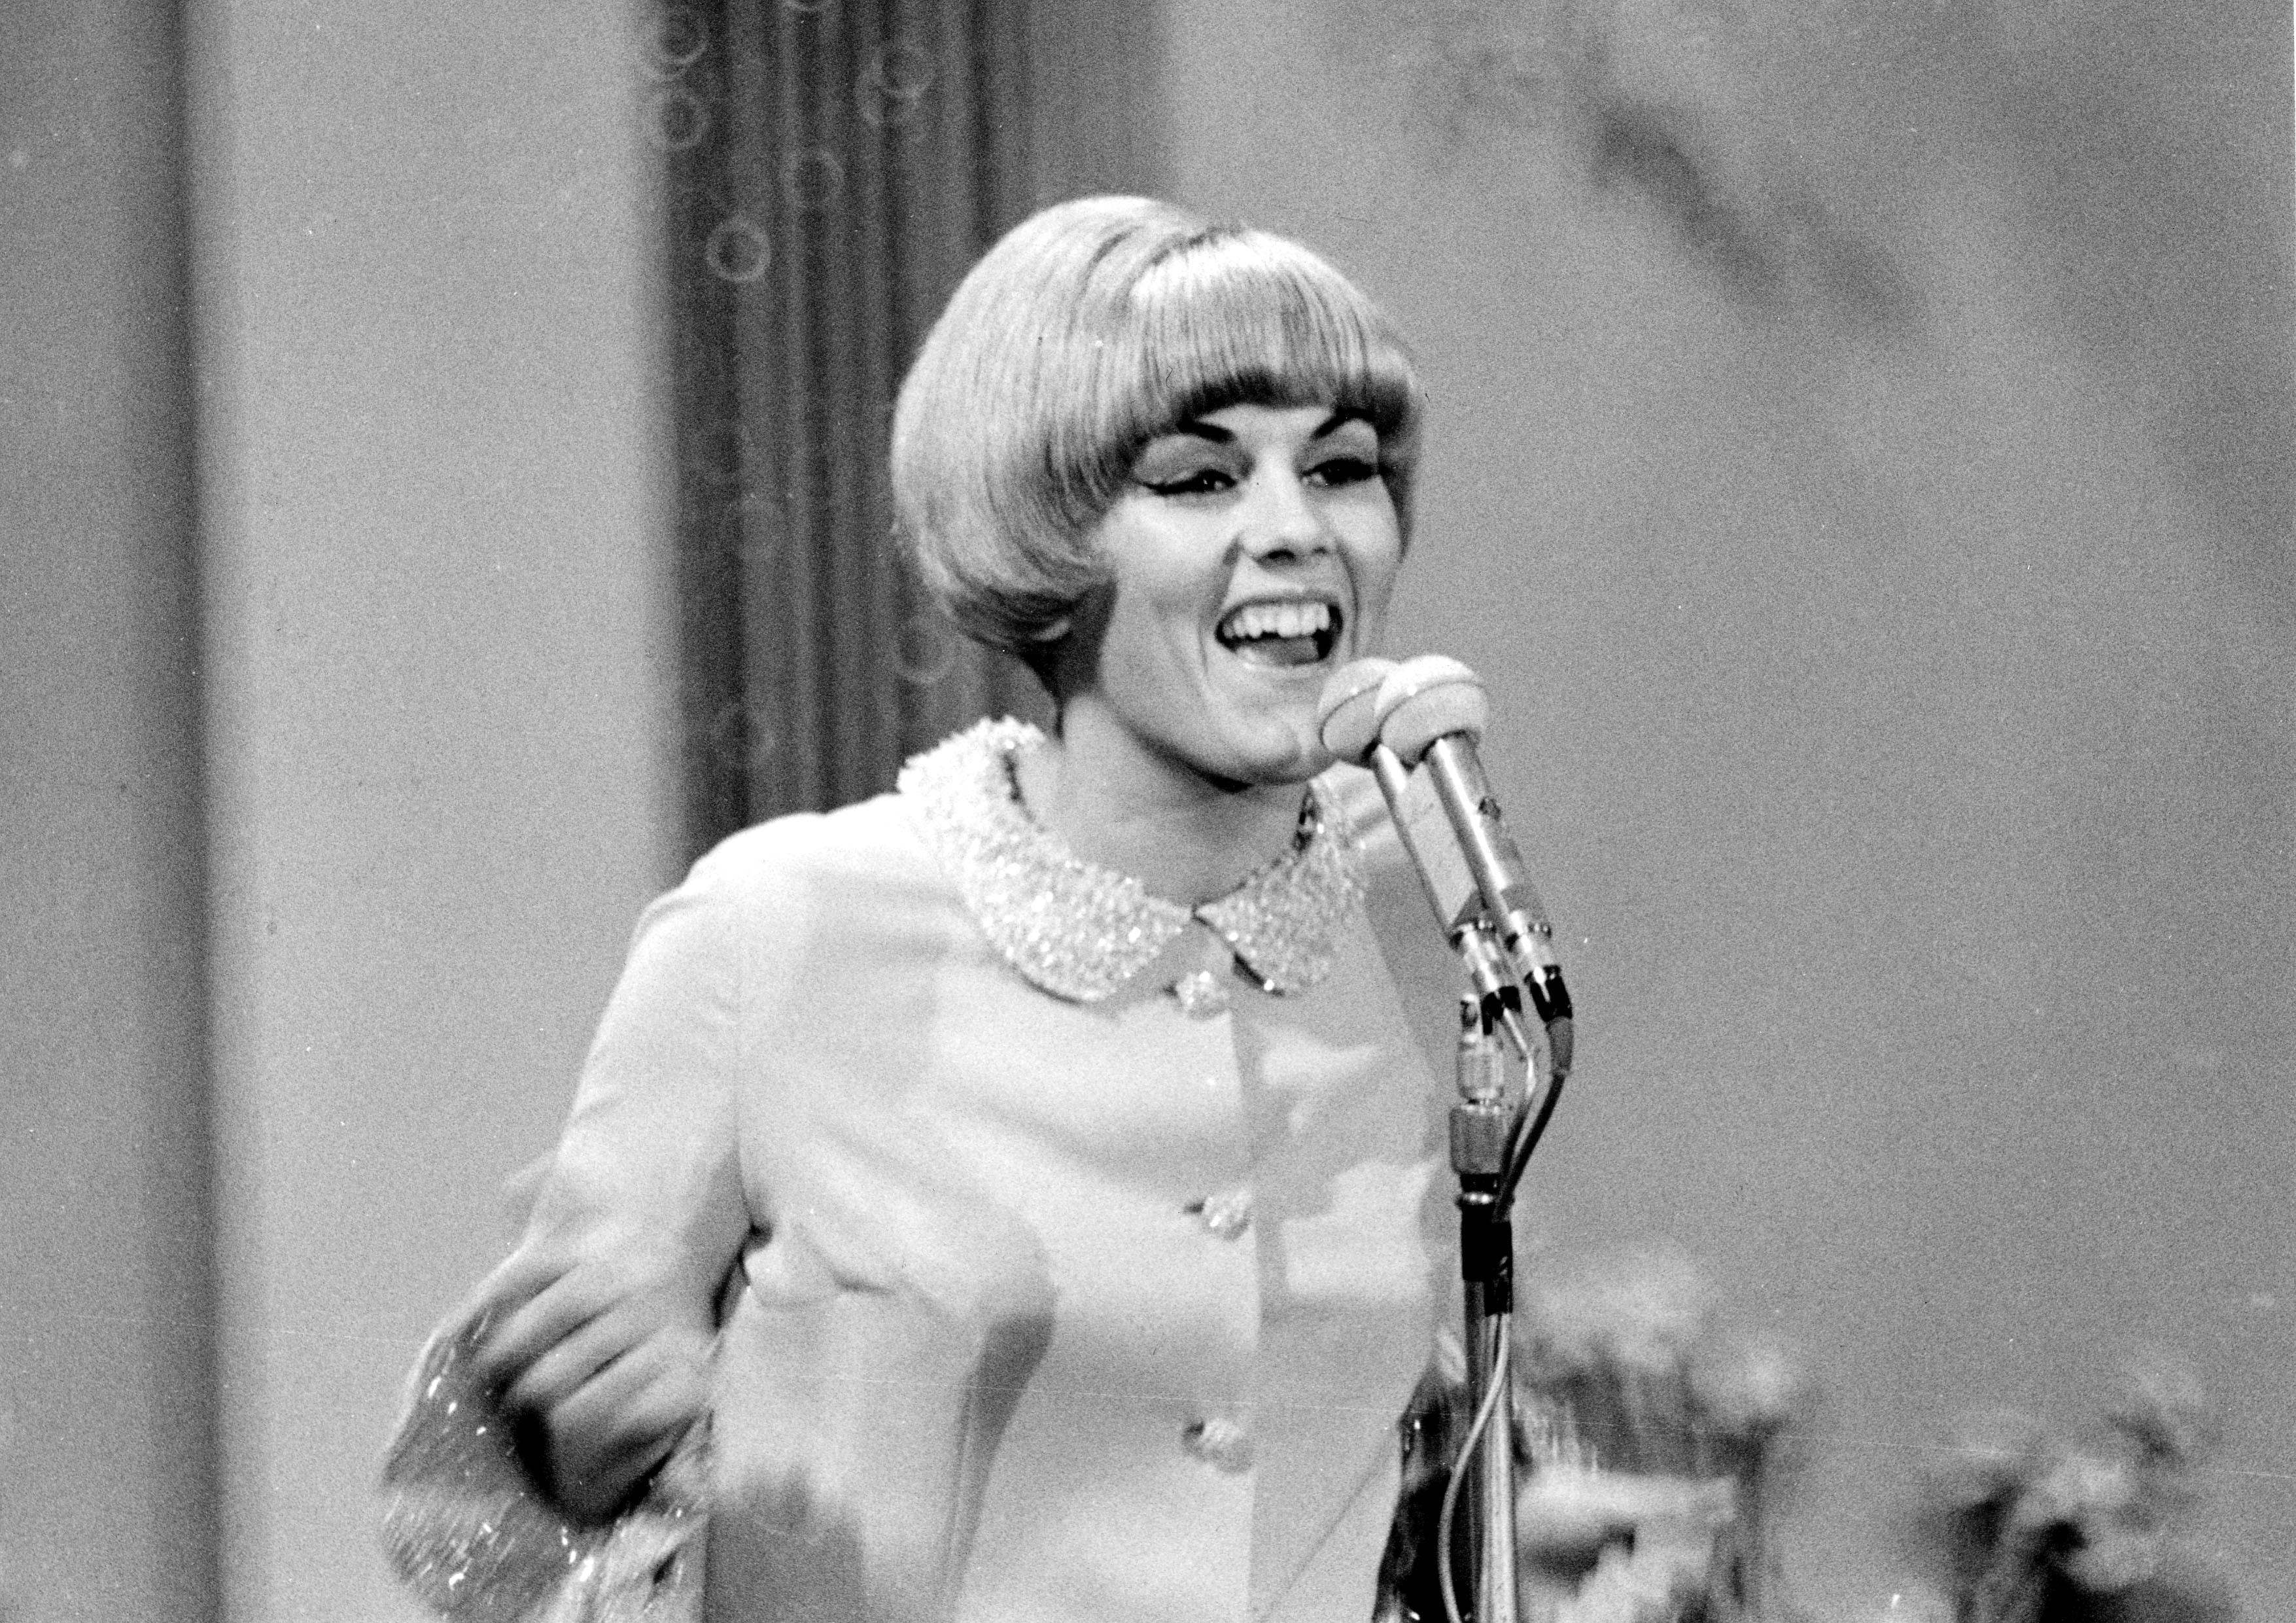 CATERINA CASELLI FESTIVAL SANREMO 1966